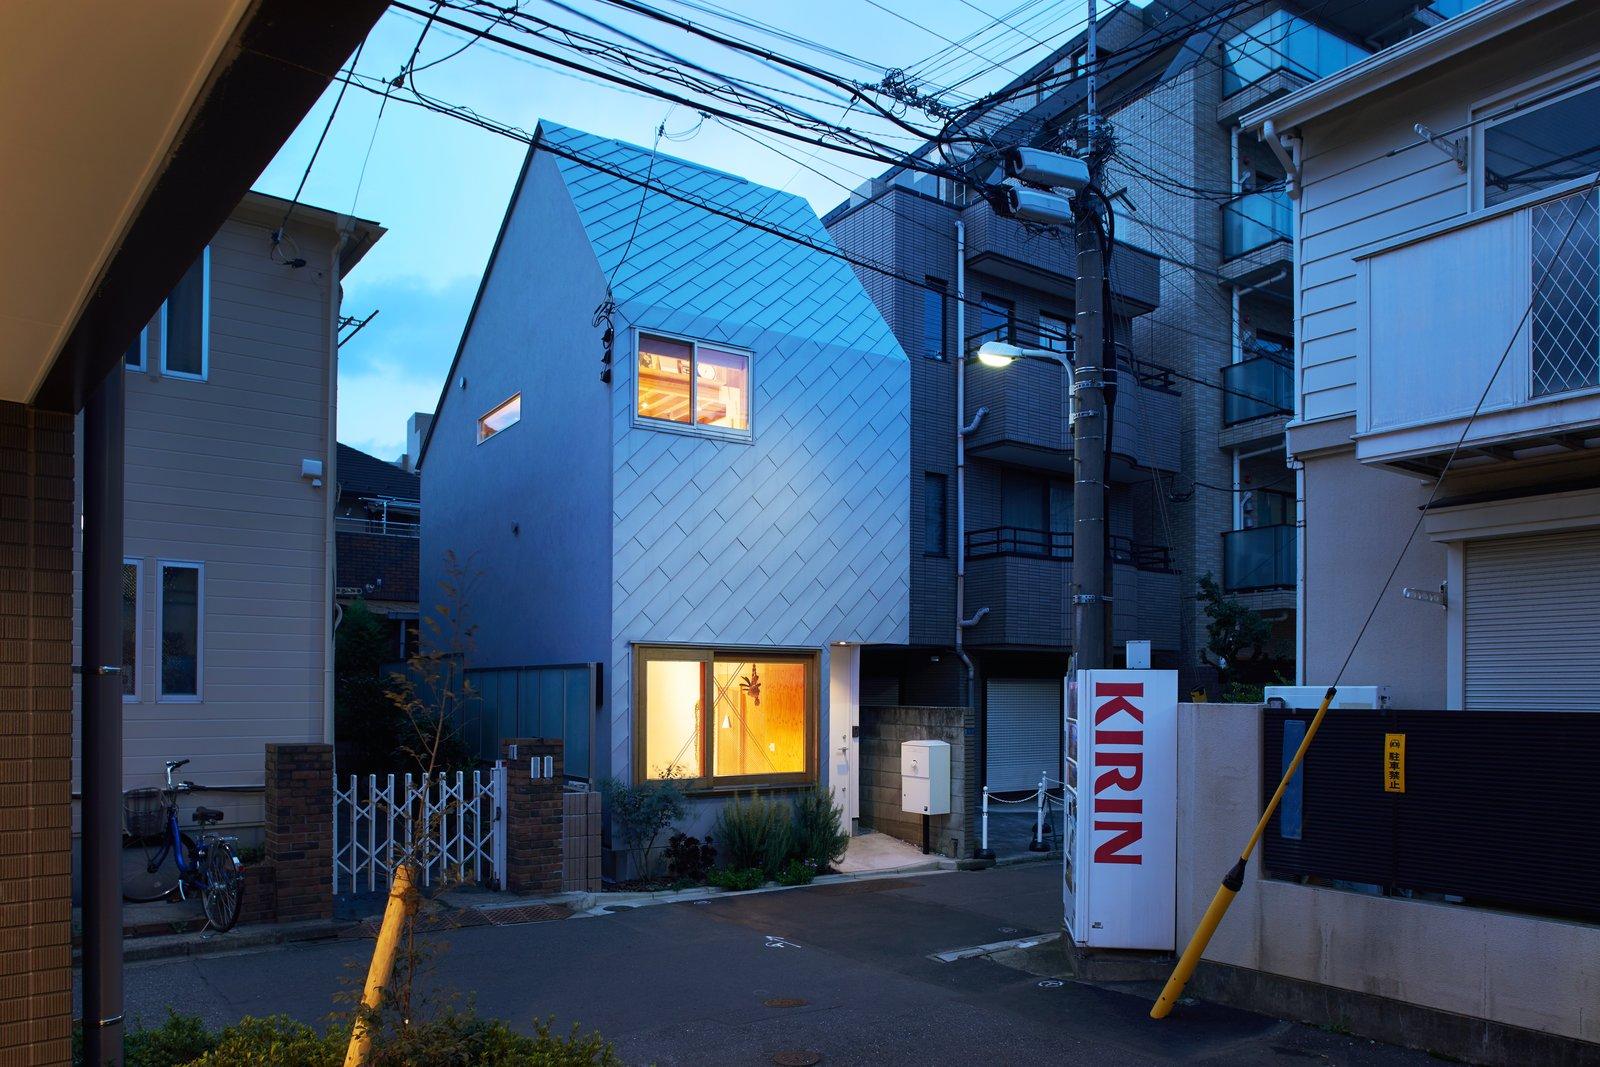 A Pint-Sized Japanese Tiny Home Is Shaped Like a Milk Carton